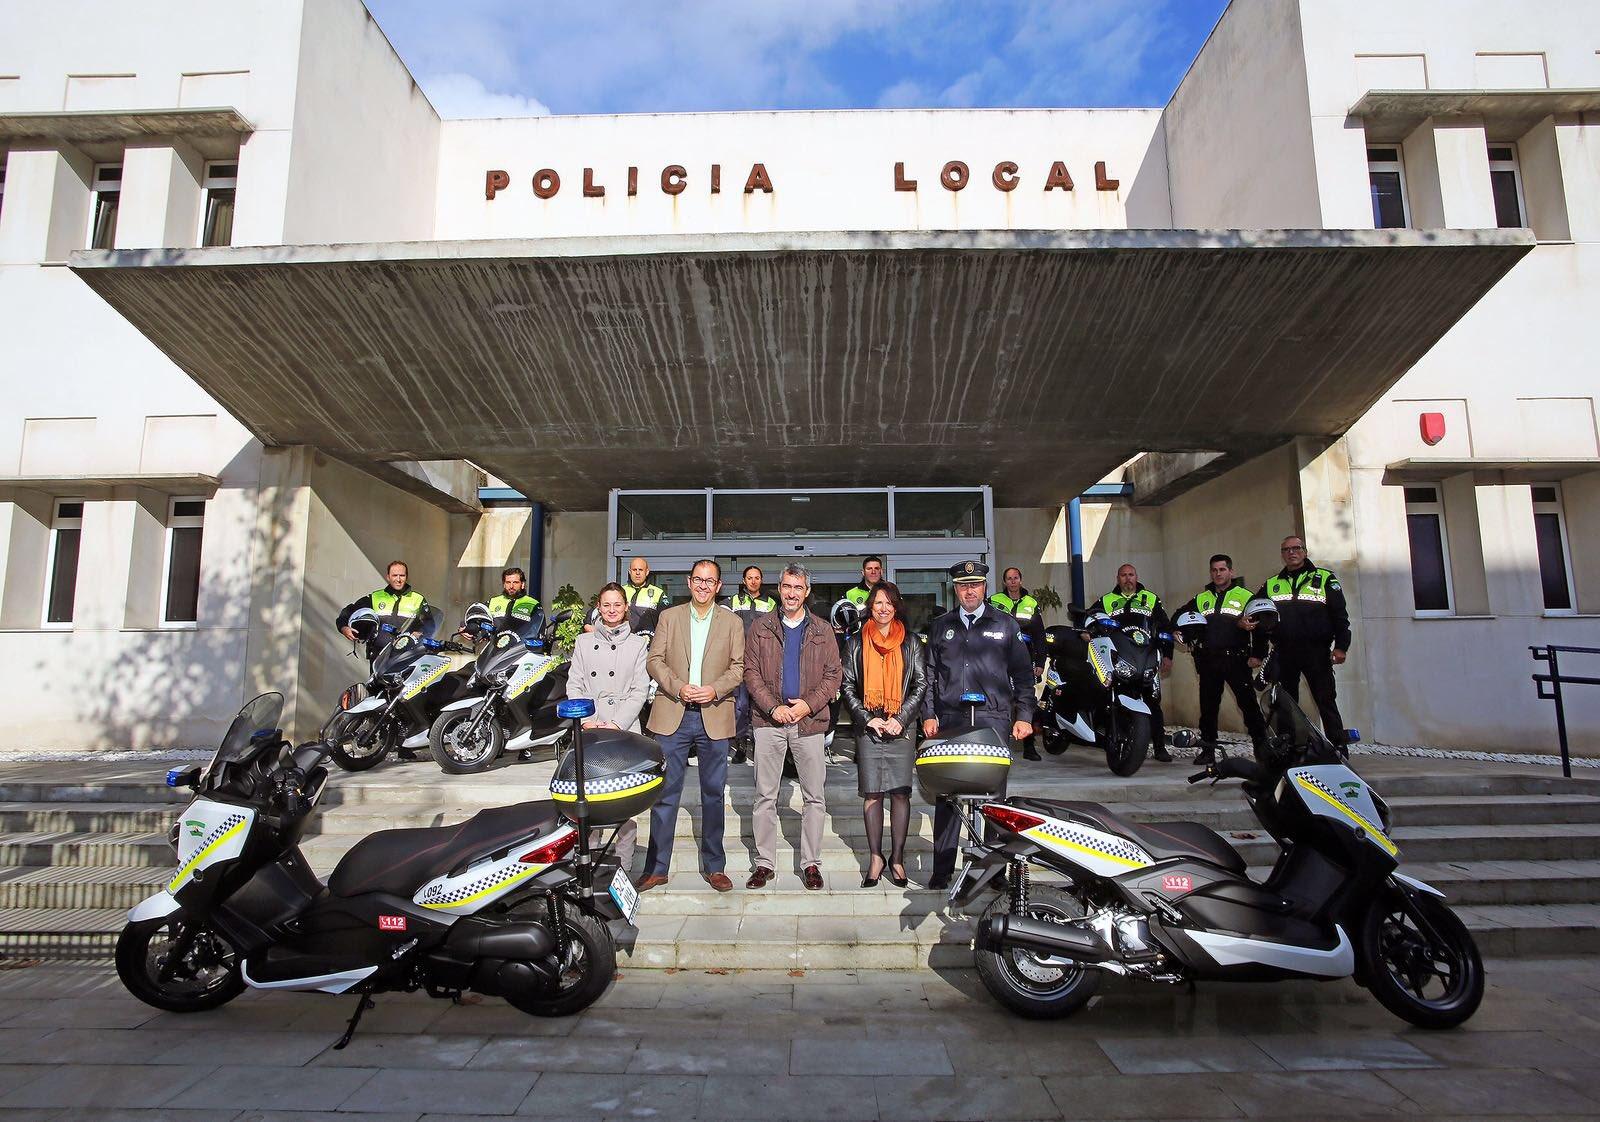 El ayto de Benalmadena presenta las nuevas motos de la Policia Local